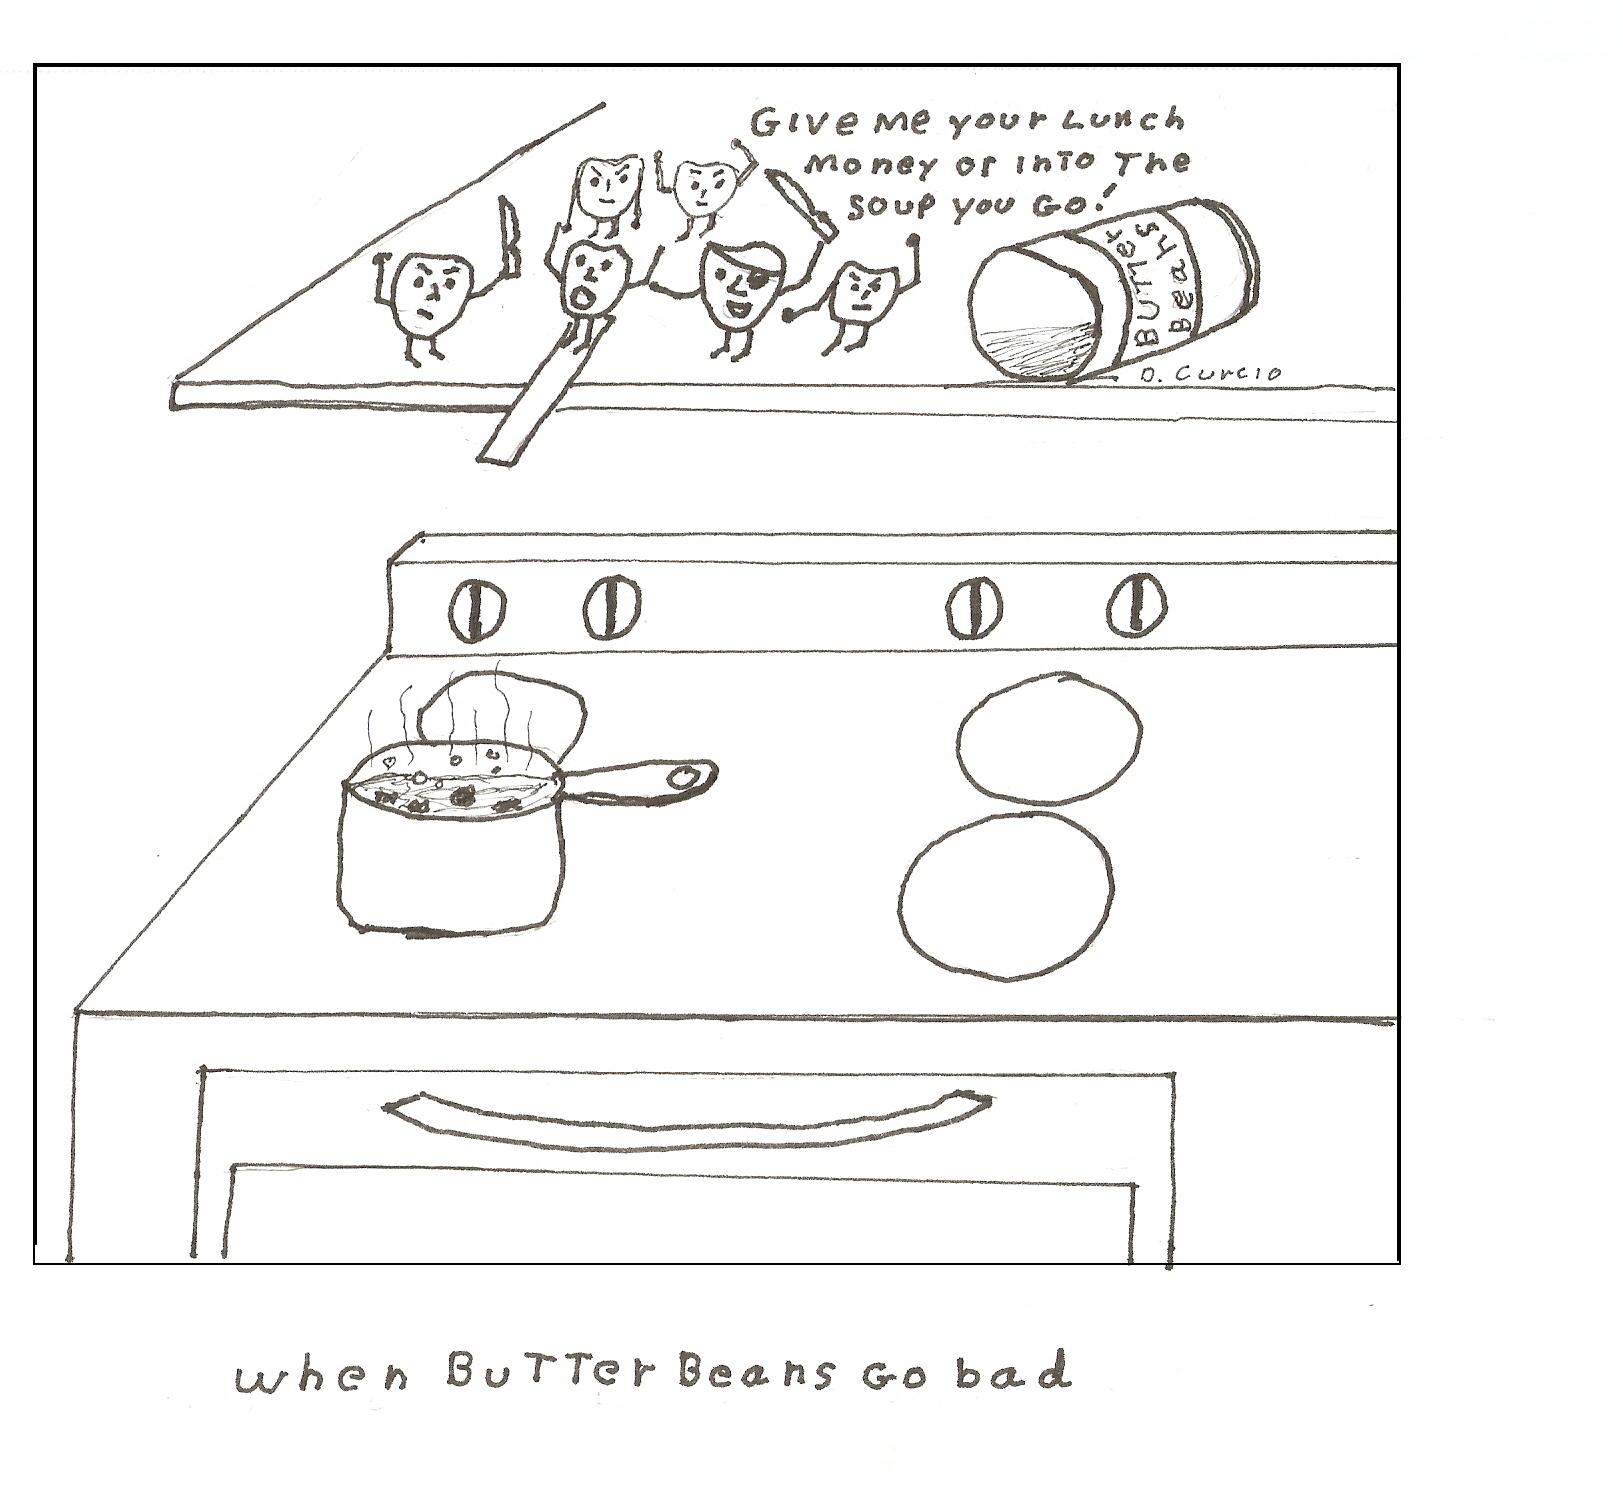 Bad Butter Beans